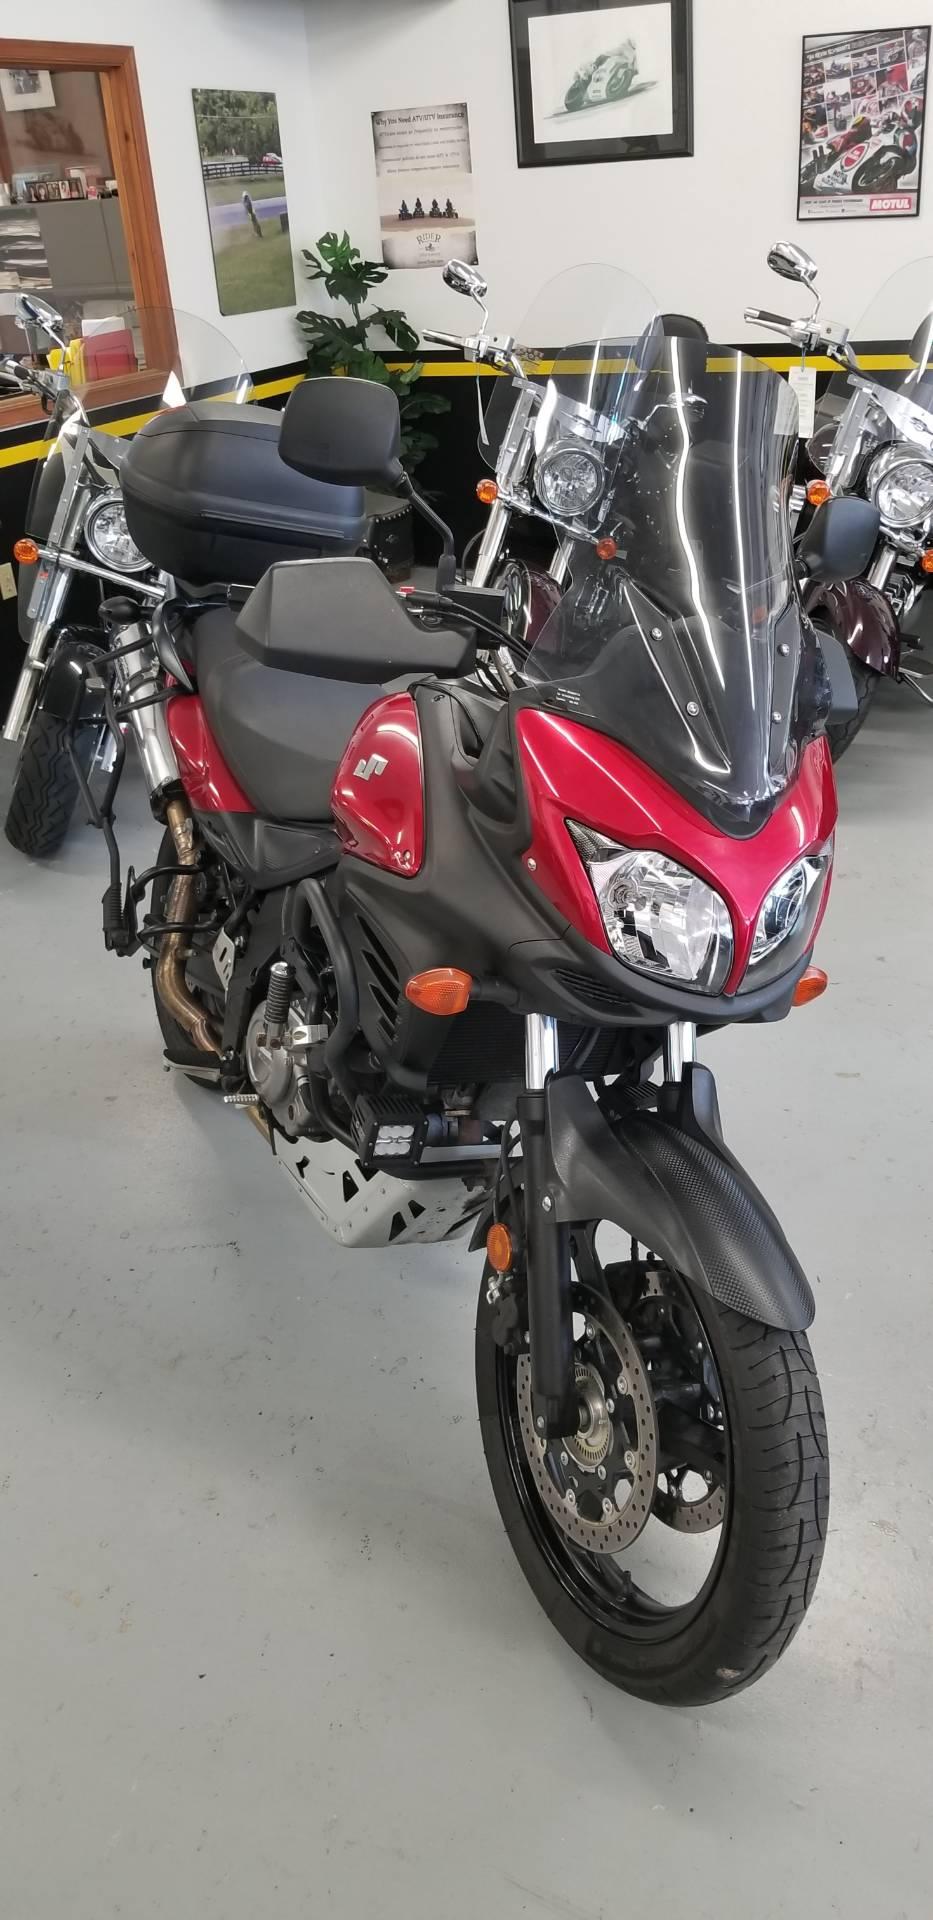 2014 Suzuki V-Strom 650 ABS 4